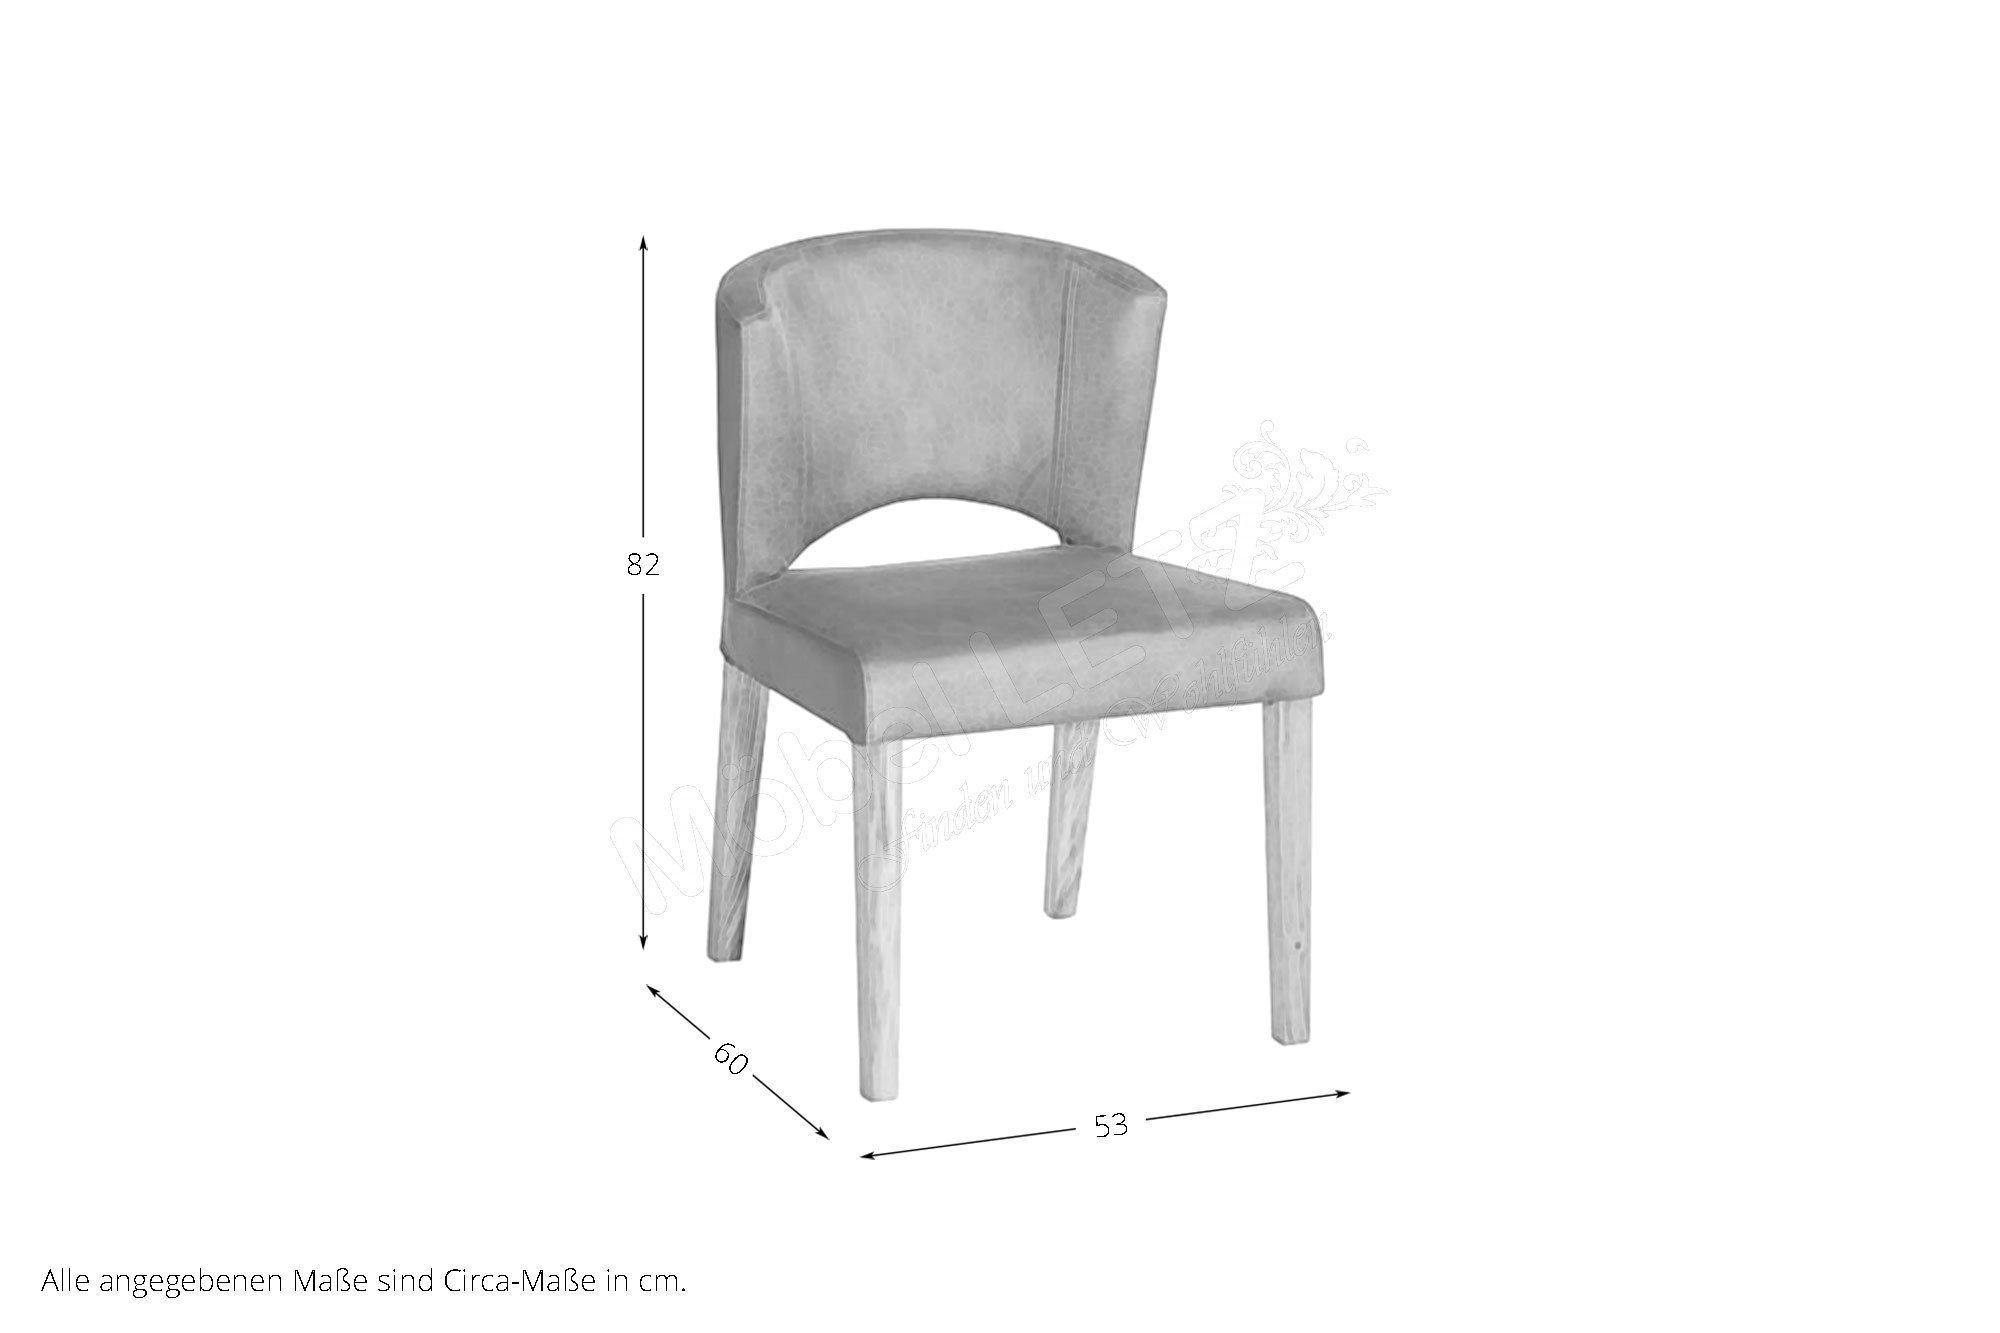 mca direkt stuhl runa braun m bel letz ihr online shop. Black Bedroom Furniture Sets. Home Design Ideas